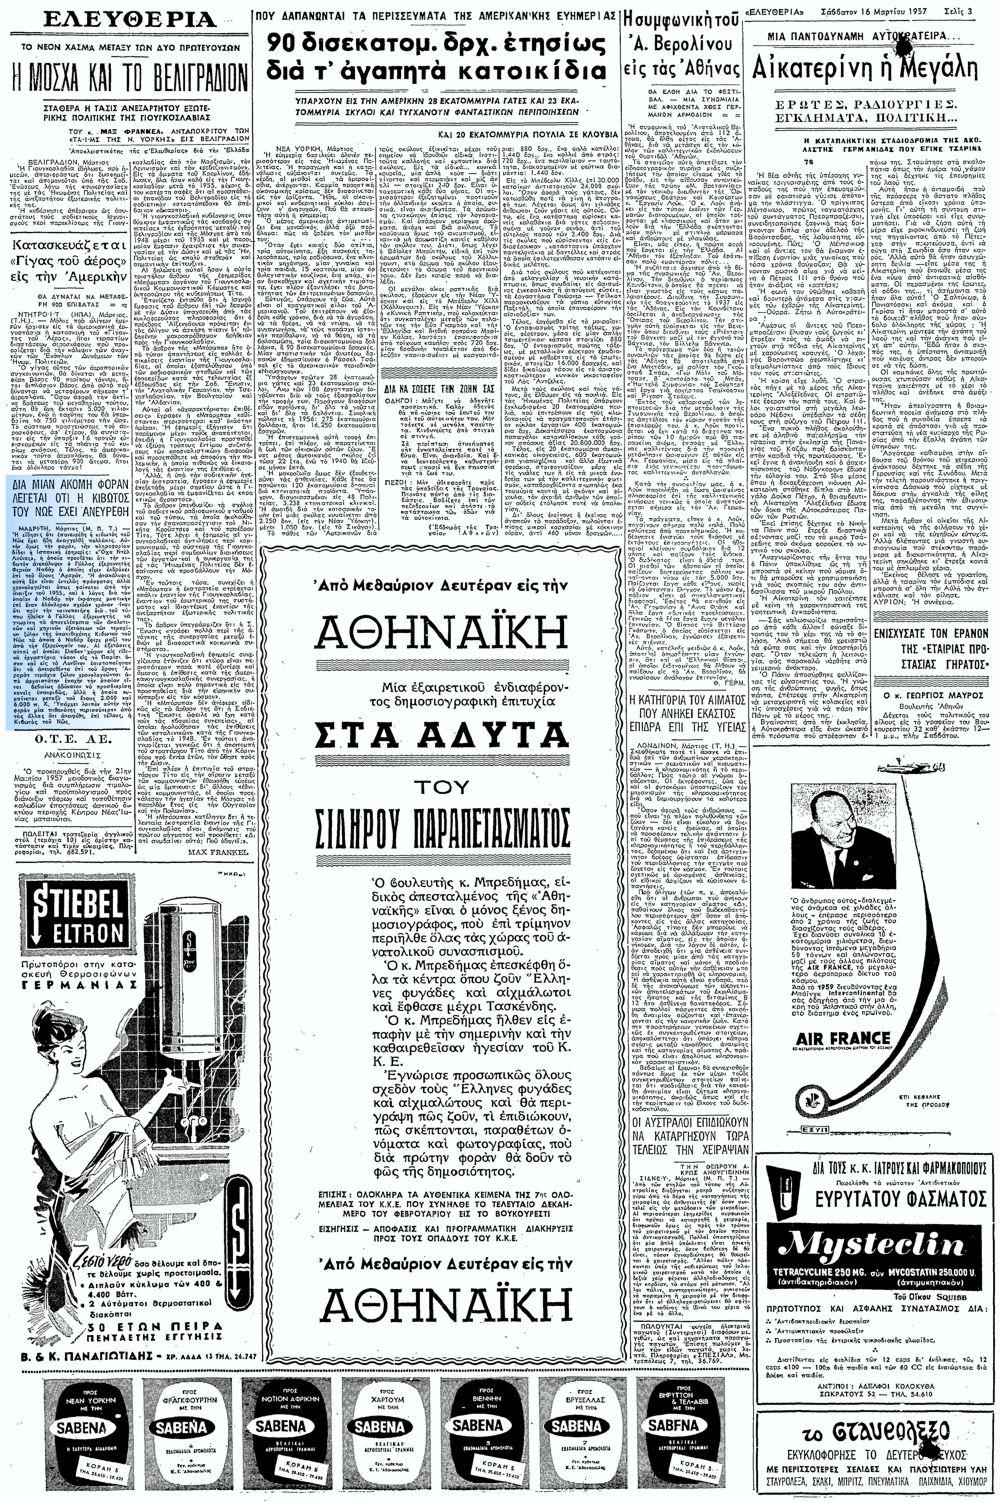 """Το άρθρο, όπως δημοσιεύθηκε στην εφημερίδα """"ΕΛΕΥΘΕΡΙΑ"""", στις 16/03/1957"""